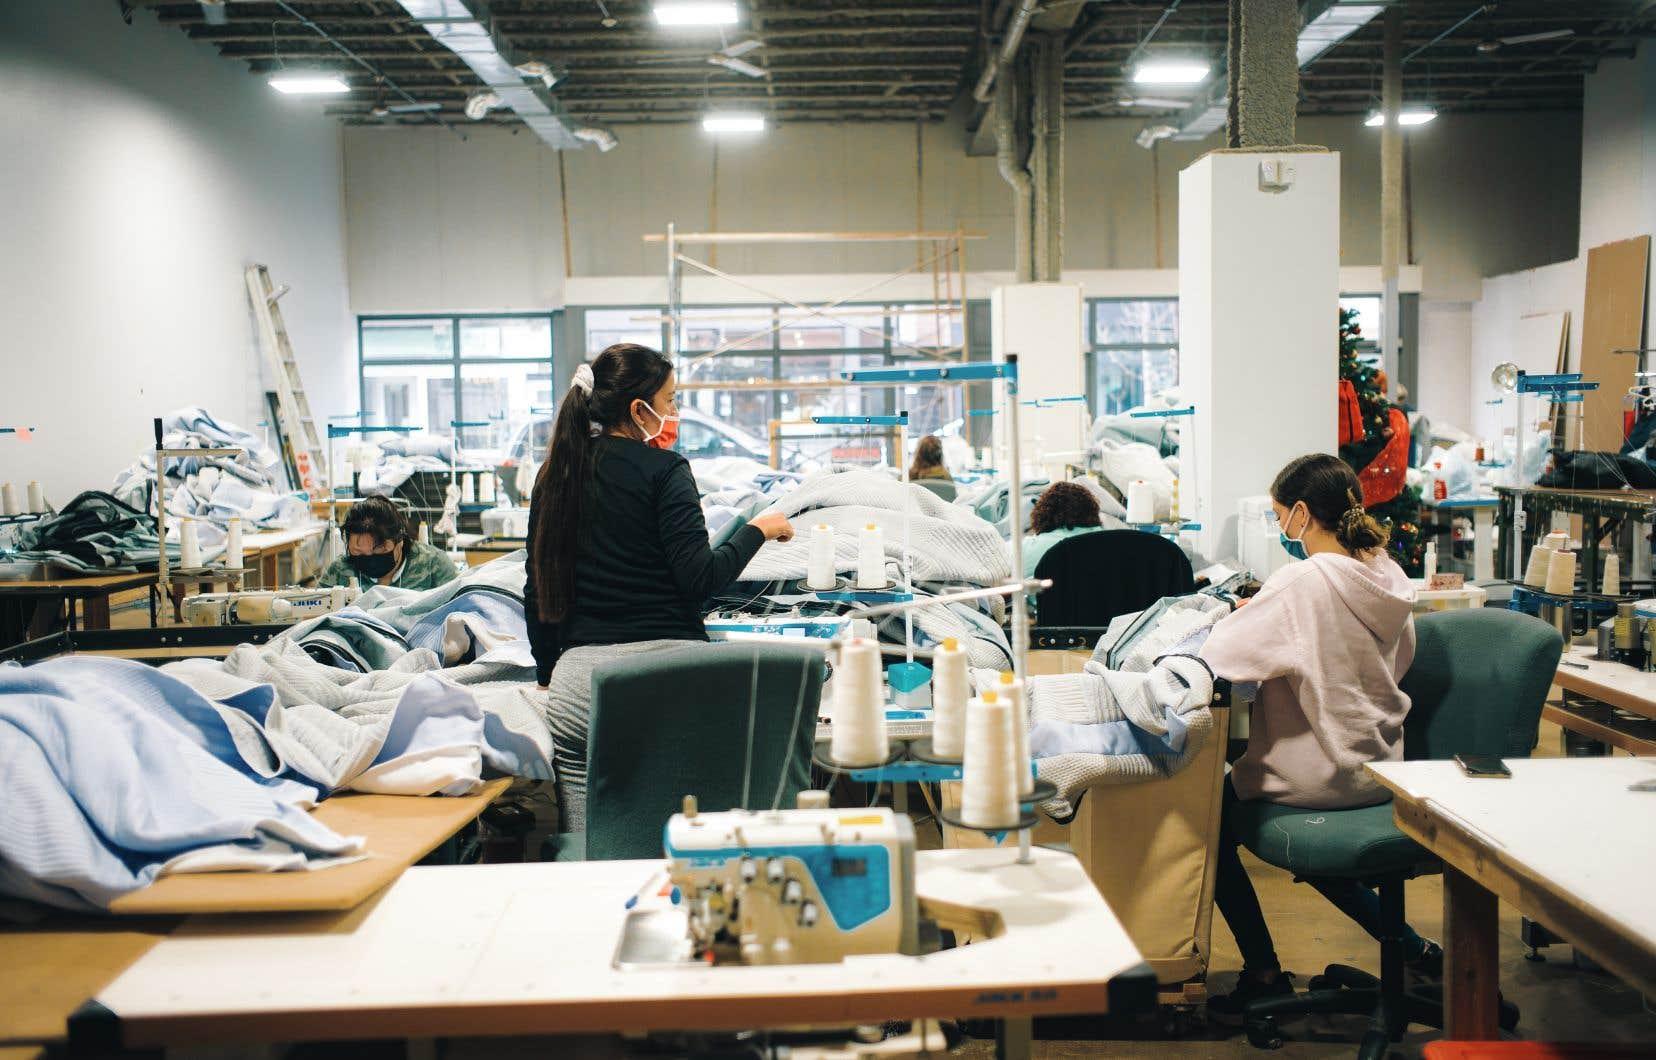 La coopérative d'Hochelaga-Maisonneuve Couturières Pop a eu comme premier gros mandat de produire 350 000 masques dans le contexte pandémique.